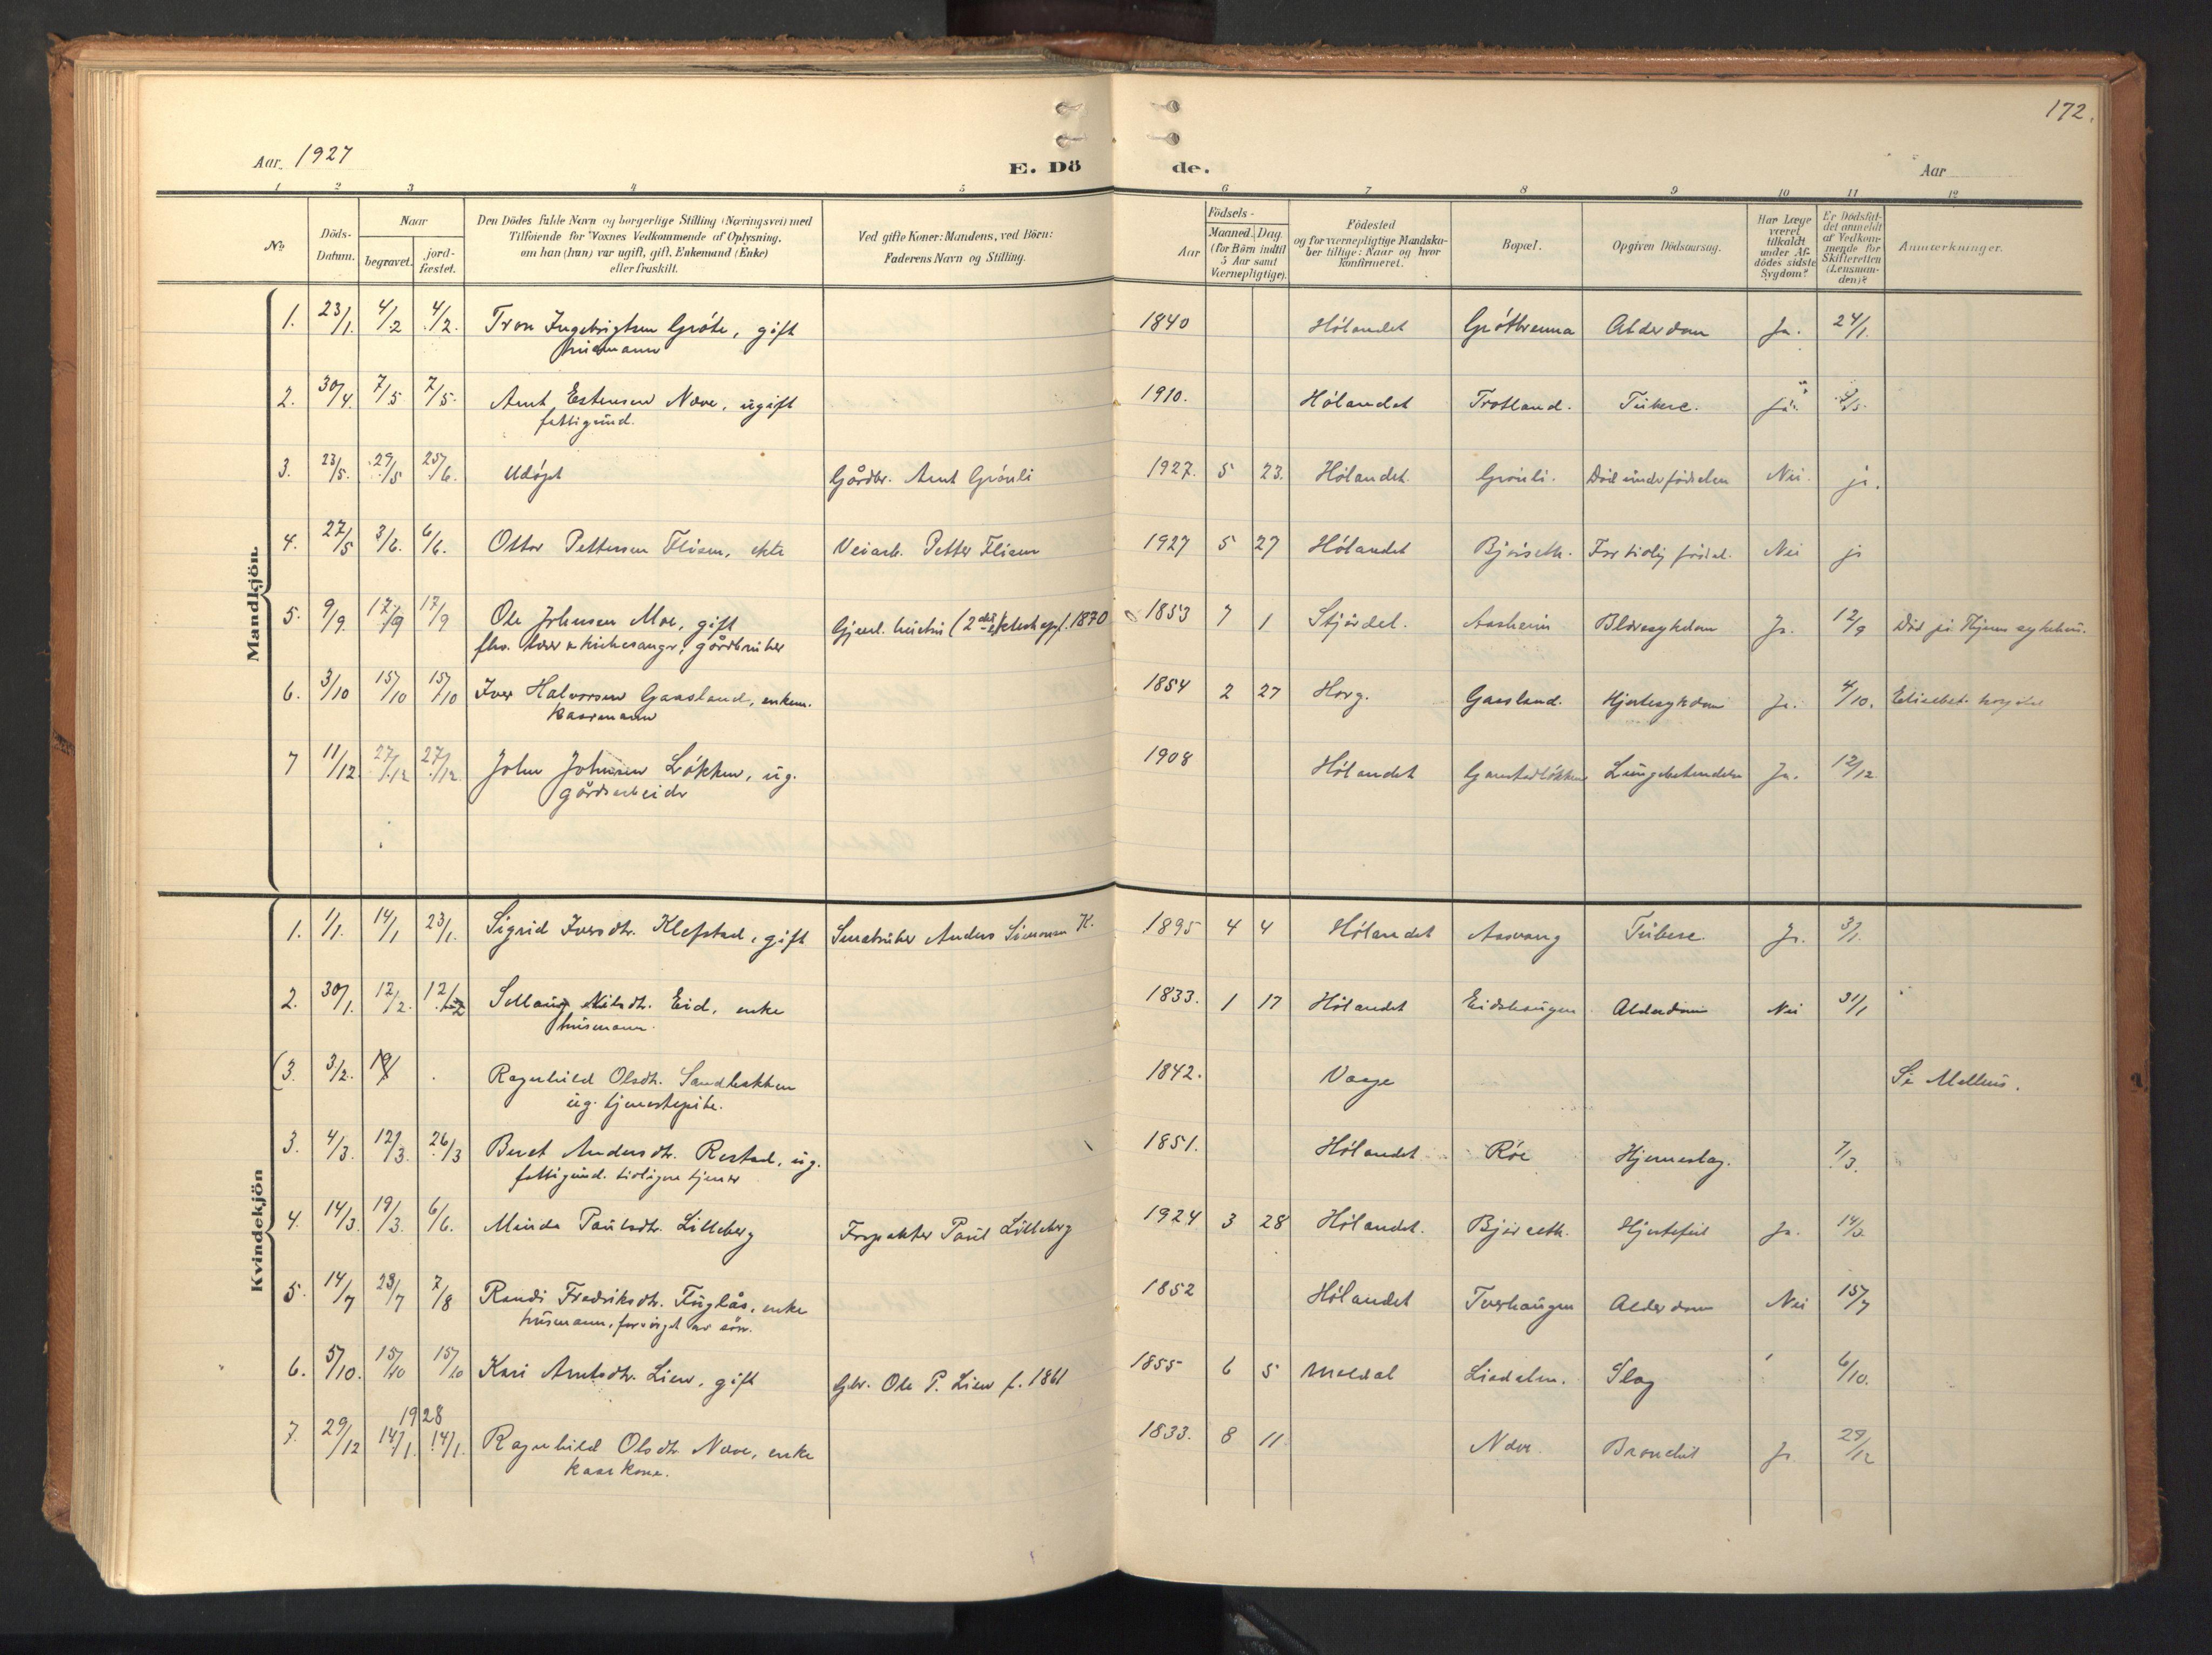 SAT, Ministerialprotokoller, klokkerbøker og fødselsregistre - Sør-Trøndelag, 694/L1128: Ministerialbok nr. 694A02, 1906-1931, s. 172